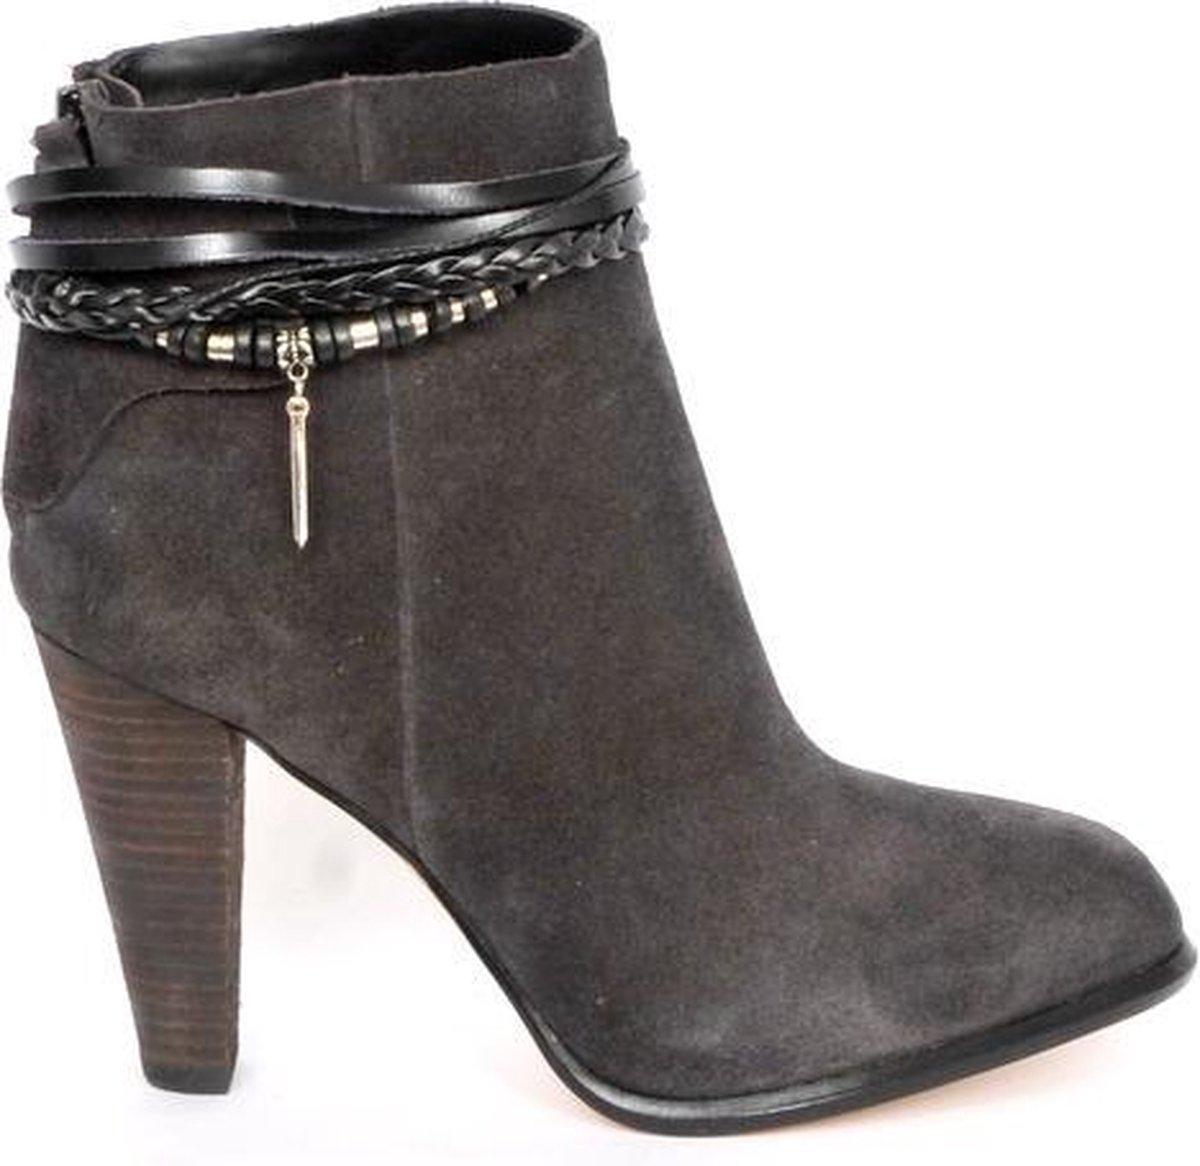 Sieraad voor je schoenen - Versiering - Bandjes -Leer -Zwart met zilveren accenten - Fashionclip